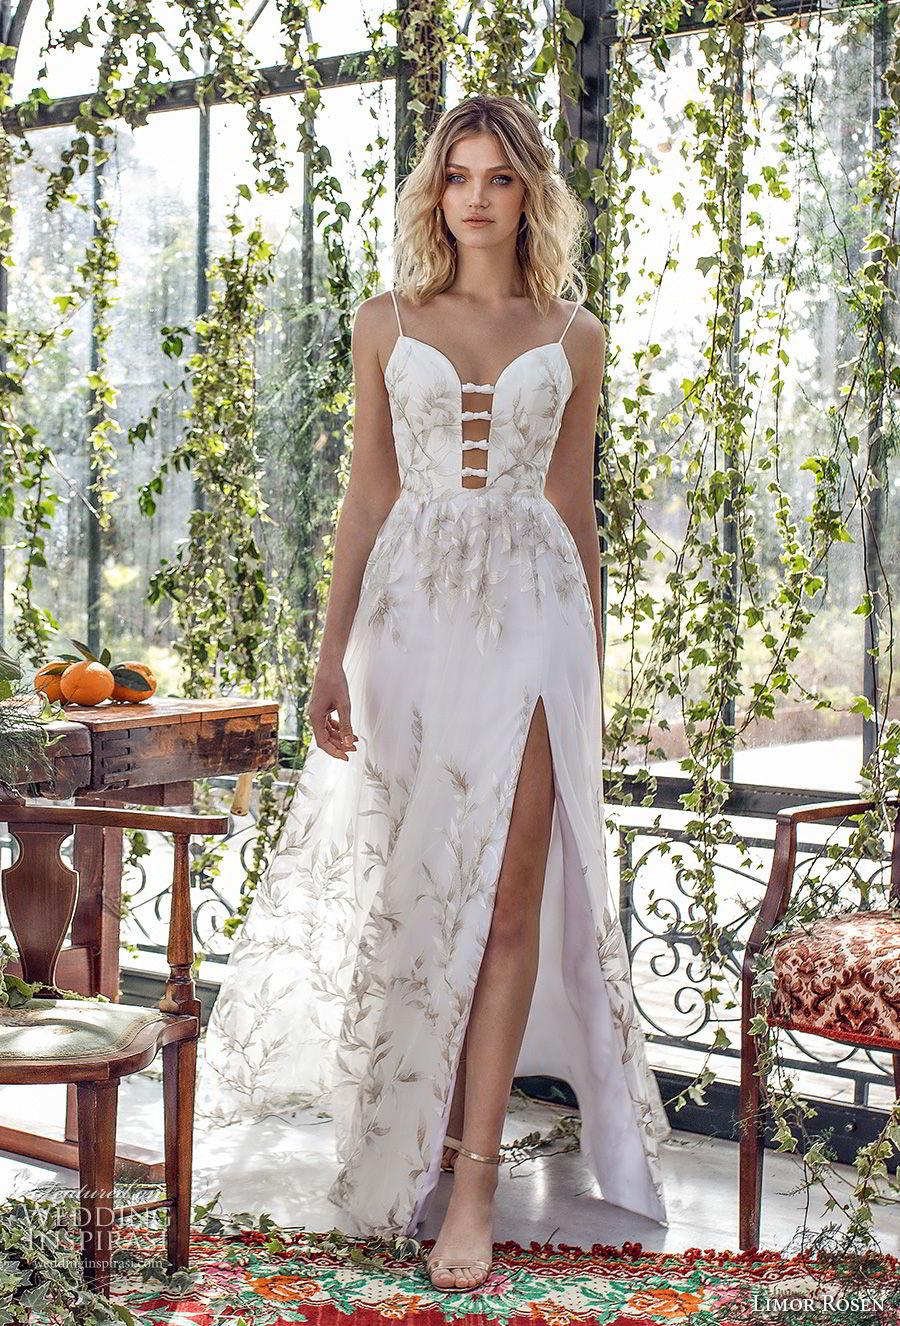 limor rosen 2019 xo bridal sleeveless spaghetti strap deep plunging sweetheart neckline full embellishement slit skirt romantic a  line wedding dress open back (12) mv